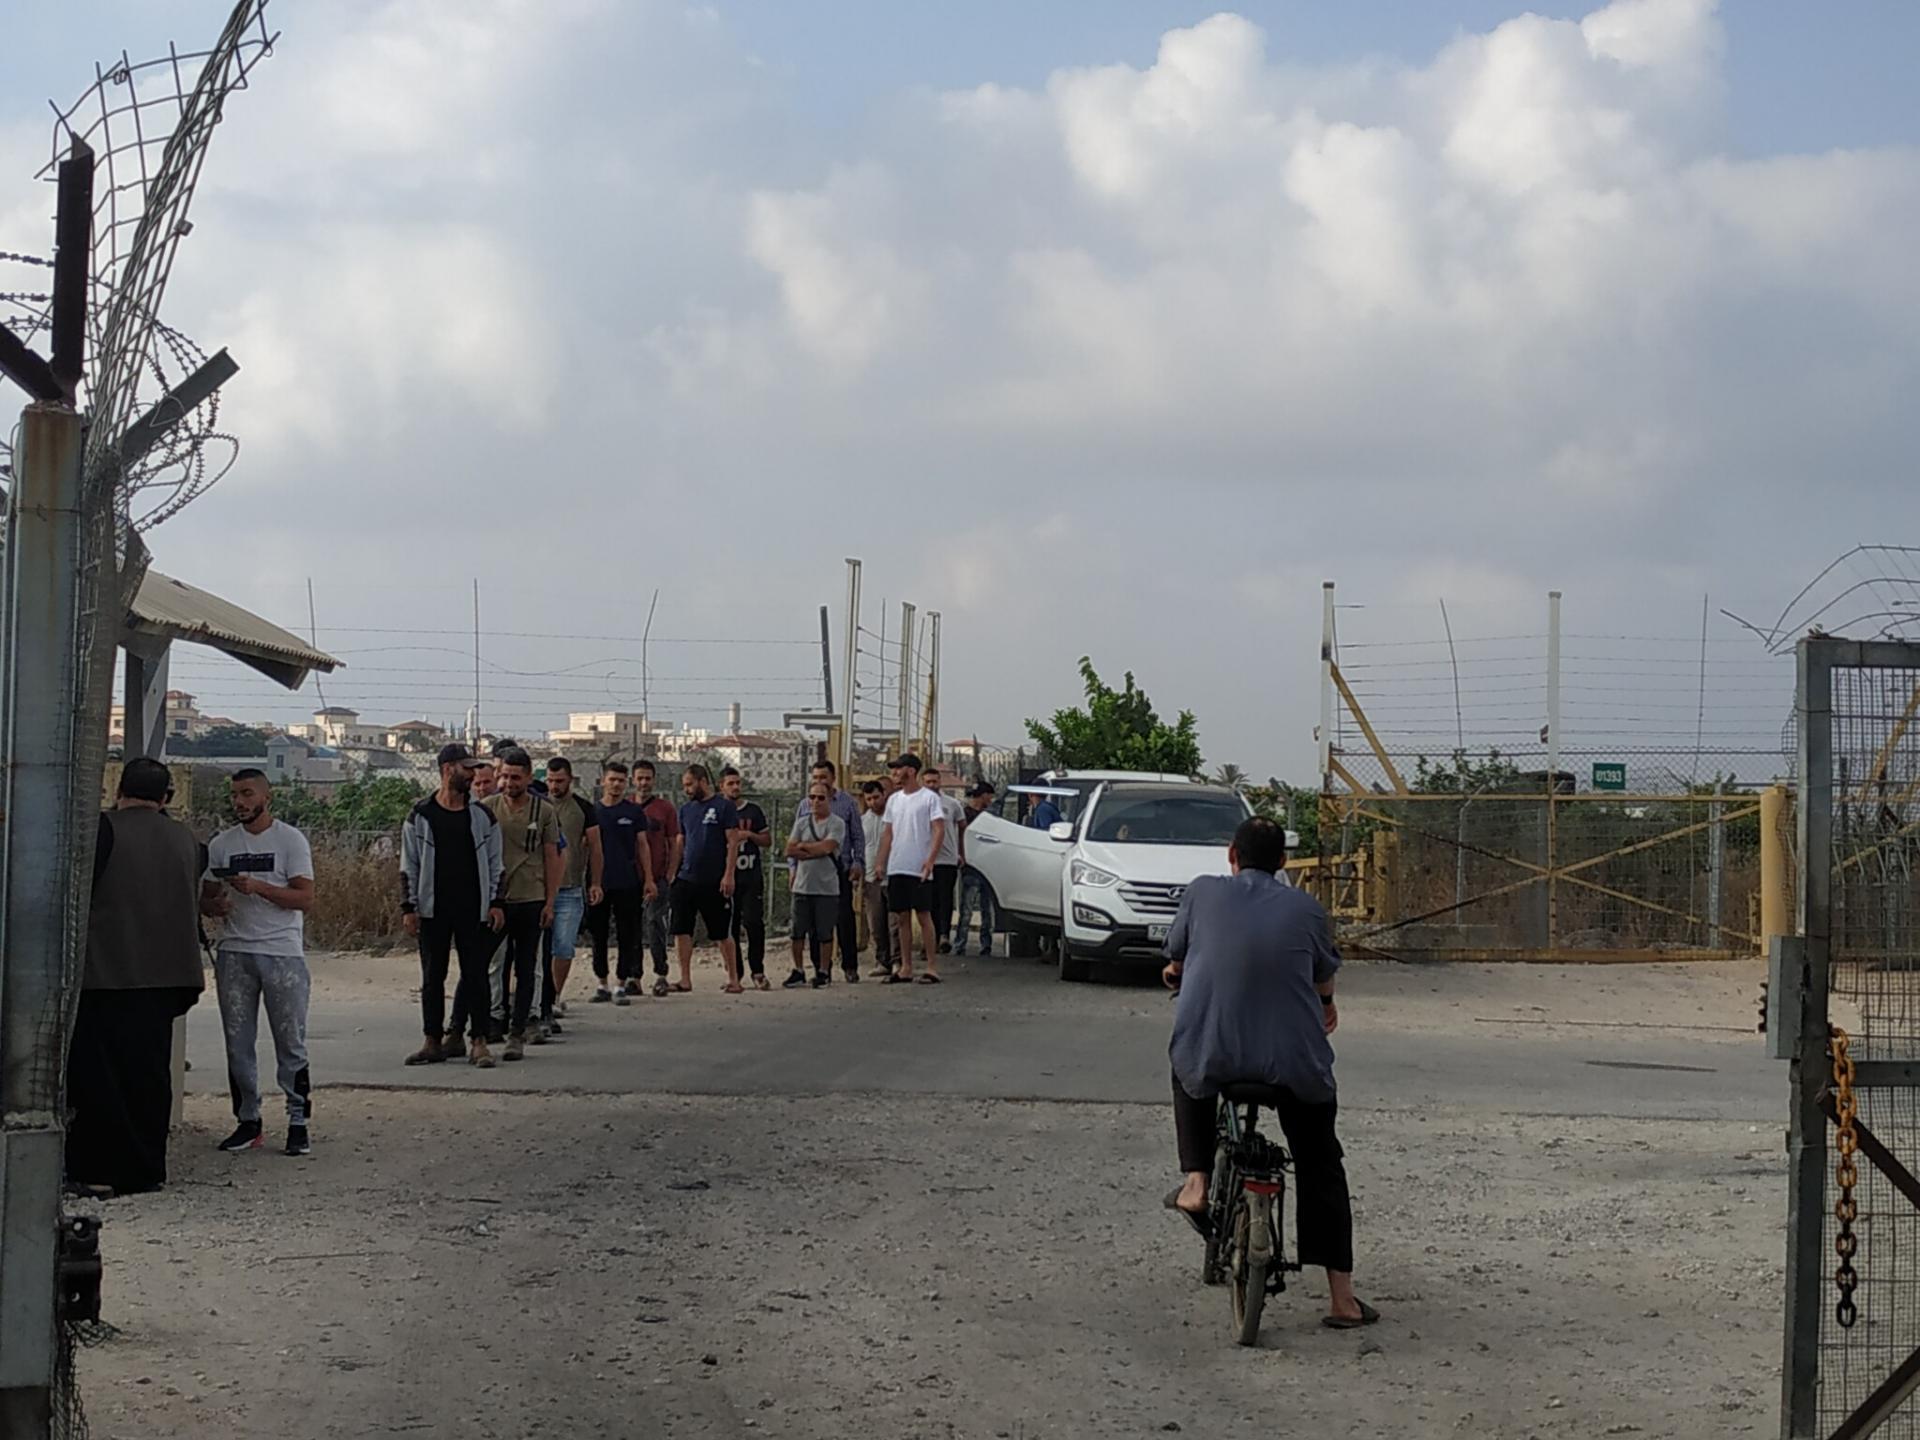 תור הולכי הרגל במחסום חבלה